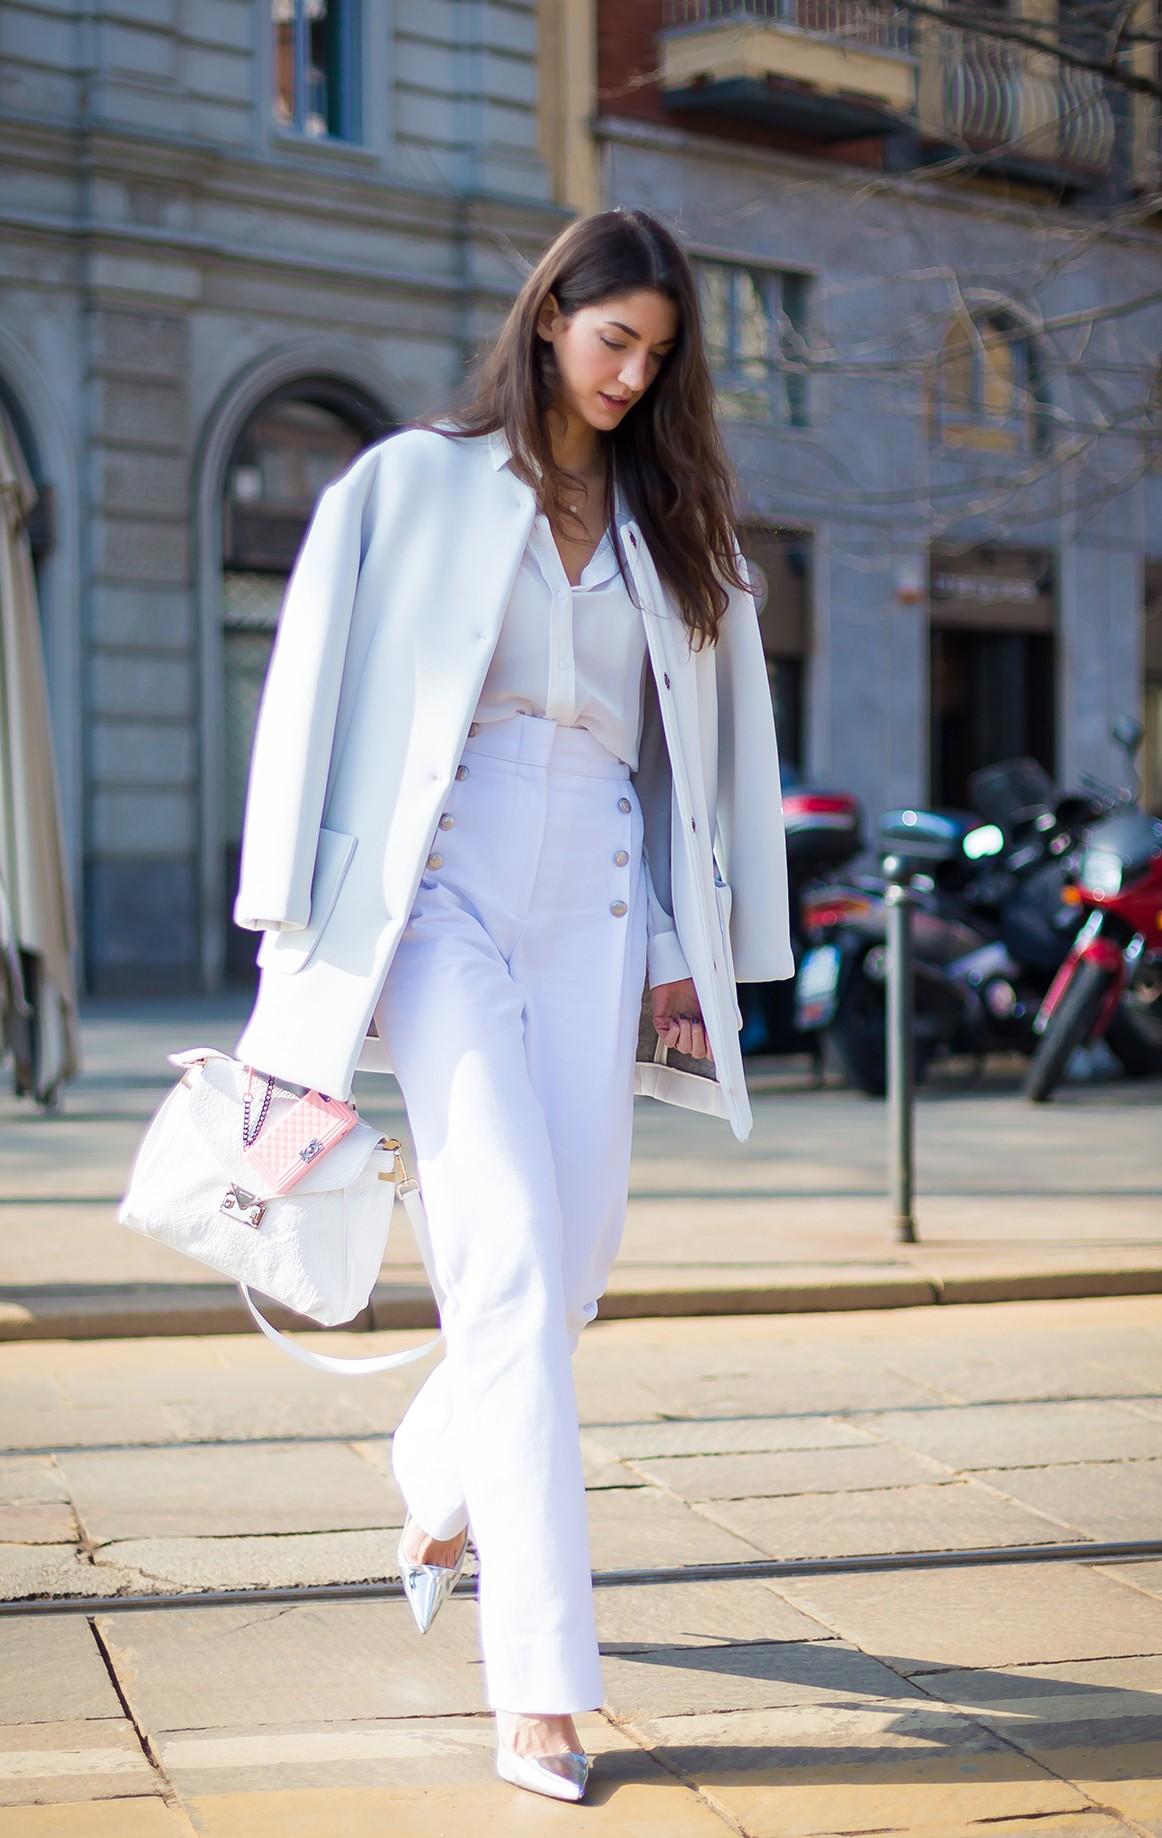 phong cách thời trang tinh tế cùng sắc trắng đen 5